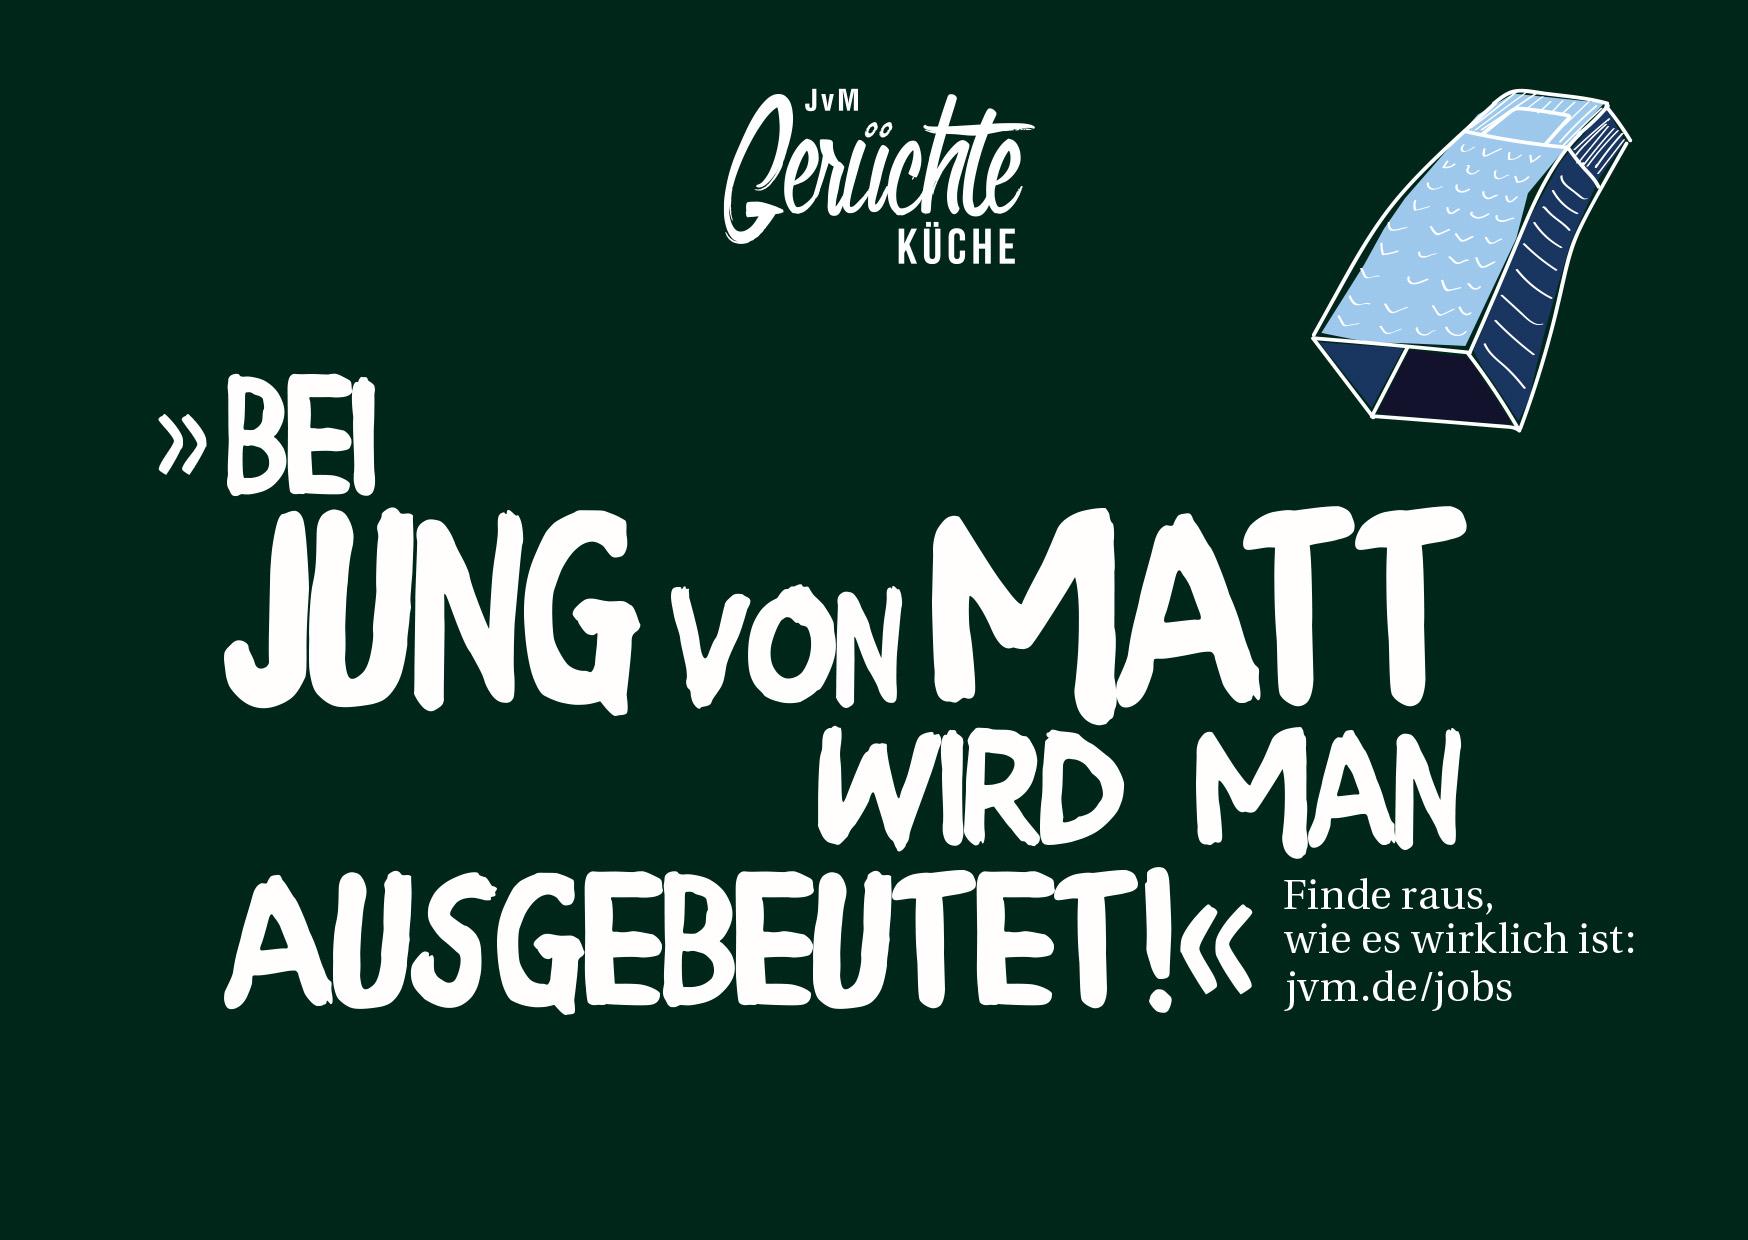 JvM-Gerüchteküche_03